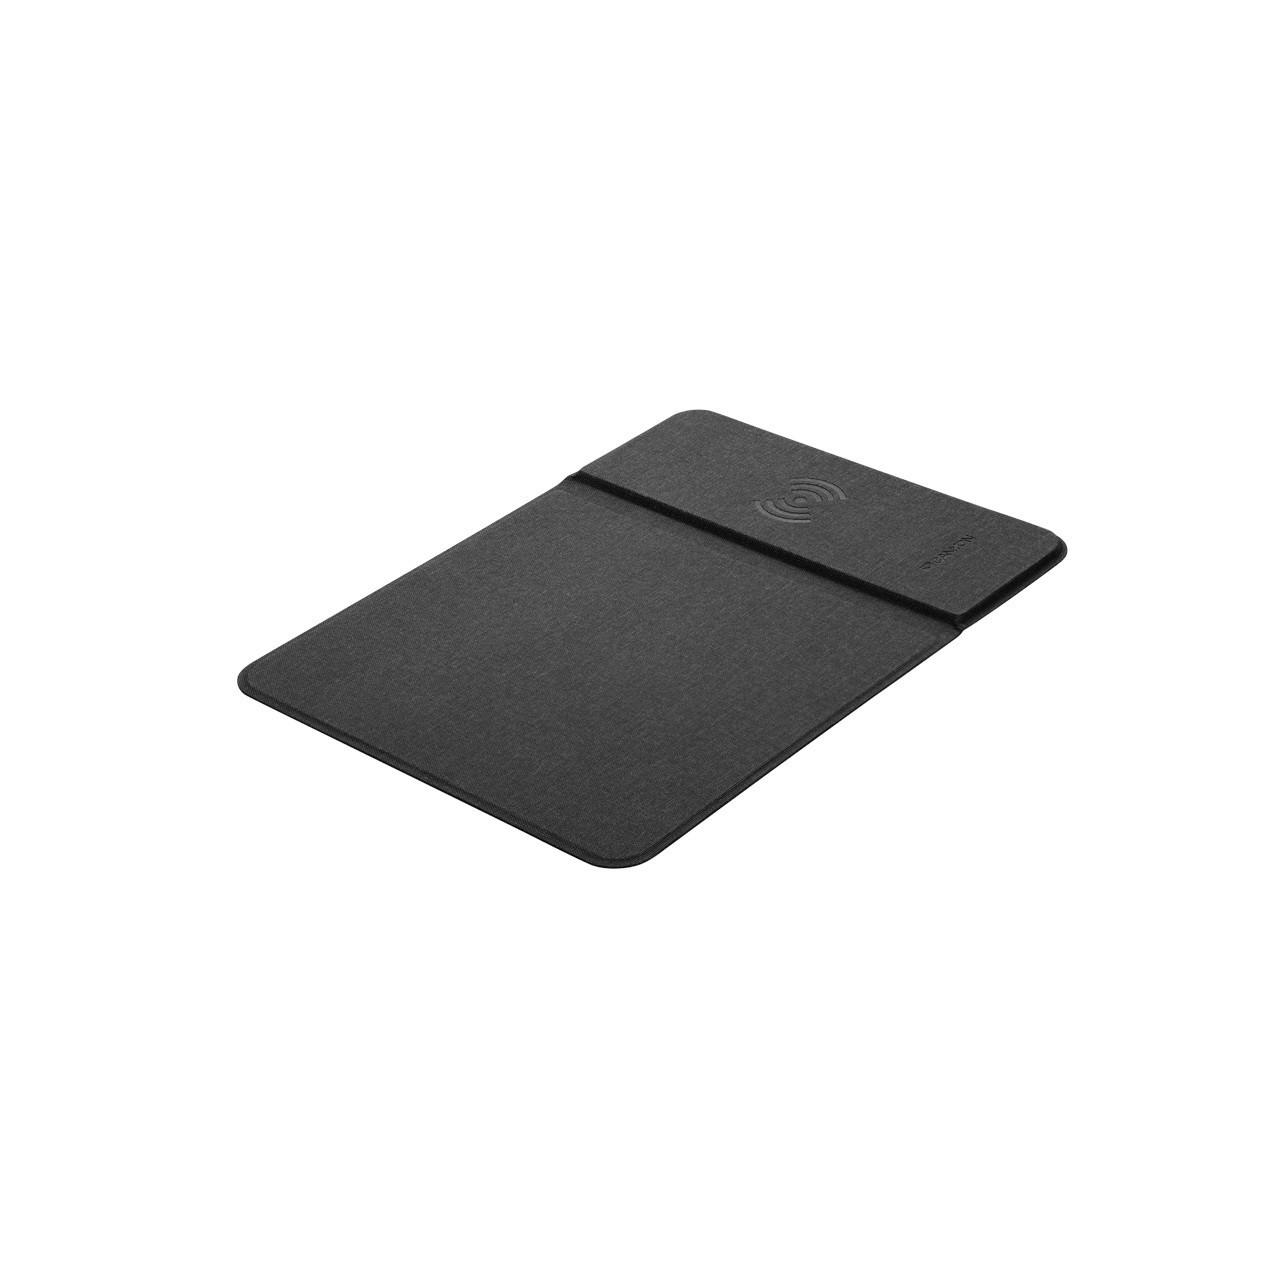 Килимок для миші Canyon CNS-CMPW5 Black з бездротовою зарядкою QI